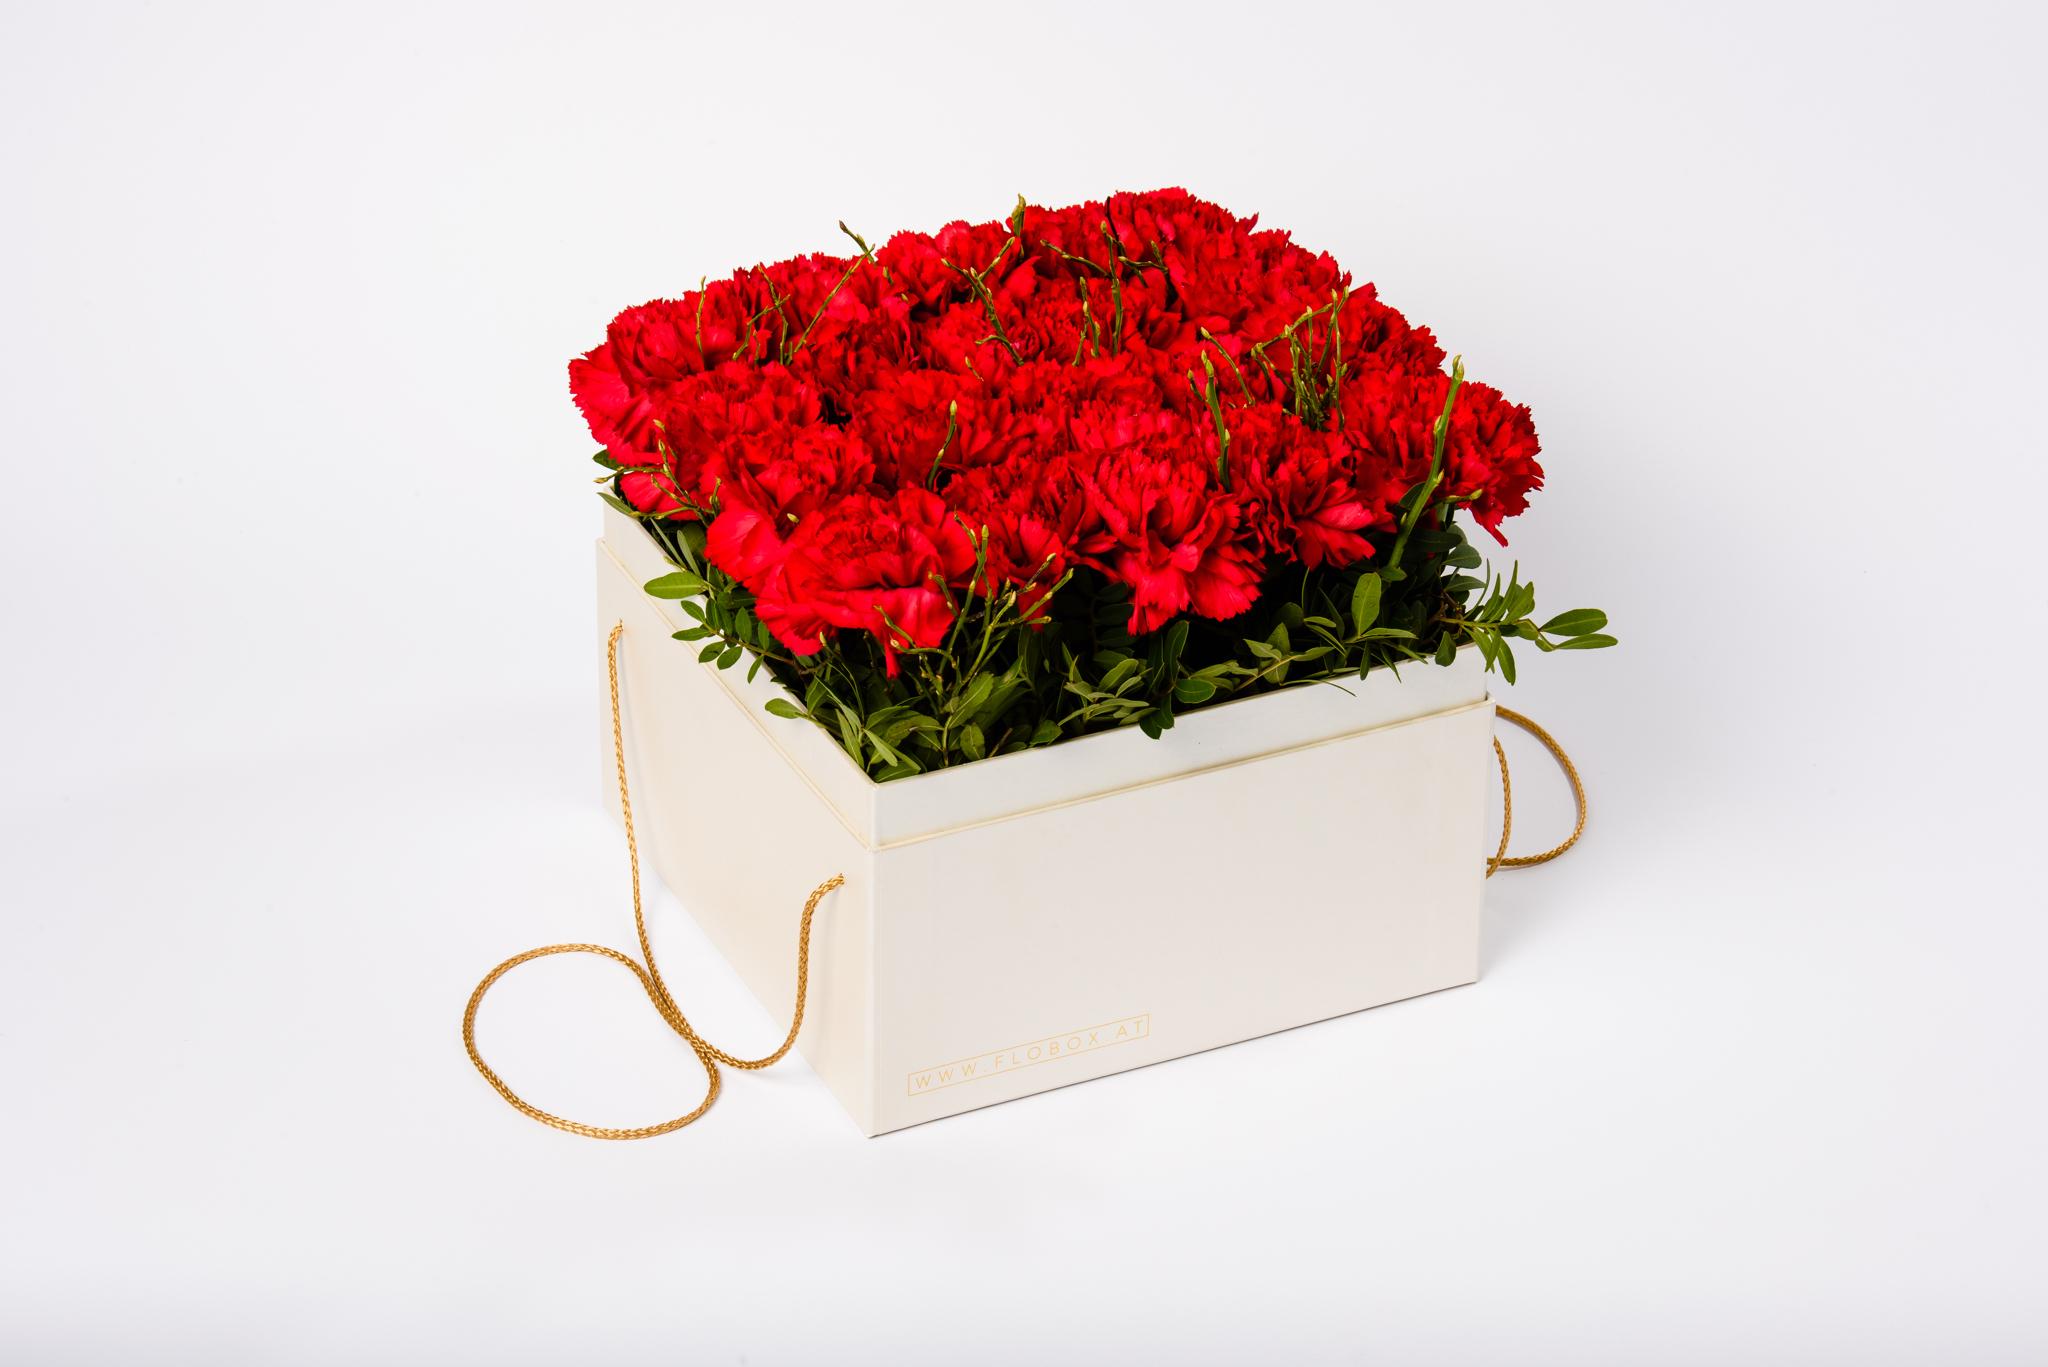 Berühmt Diplomat Rote Nelken | flobox - Andreja Mayer #LT_11